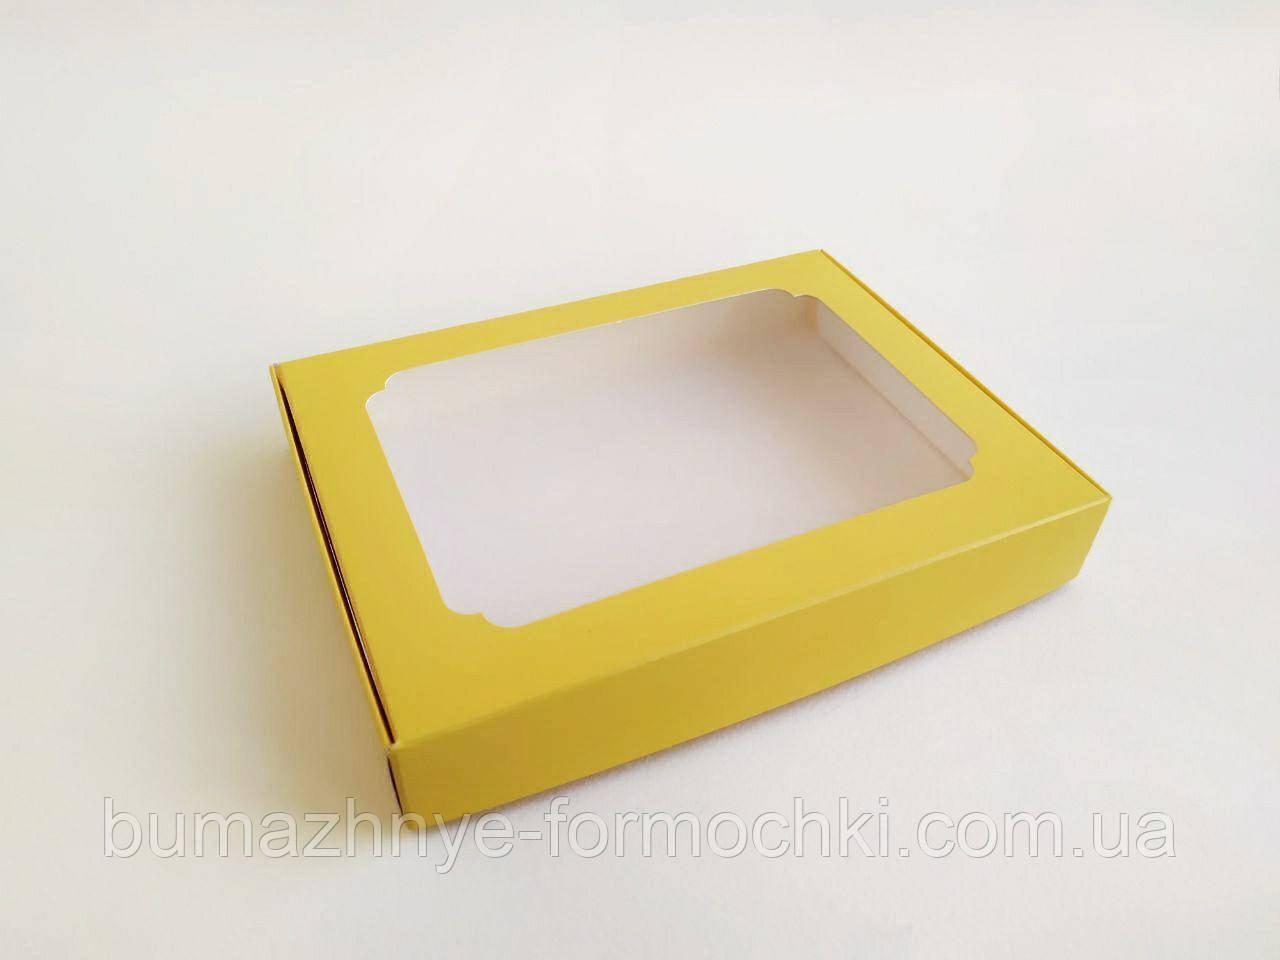 Коробка для пряников, 150*200*30, жёлтая